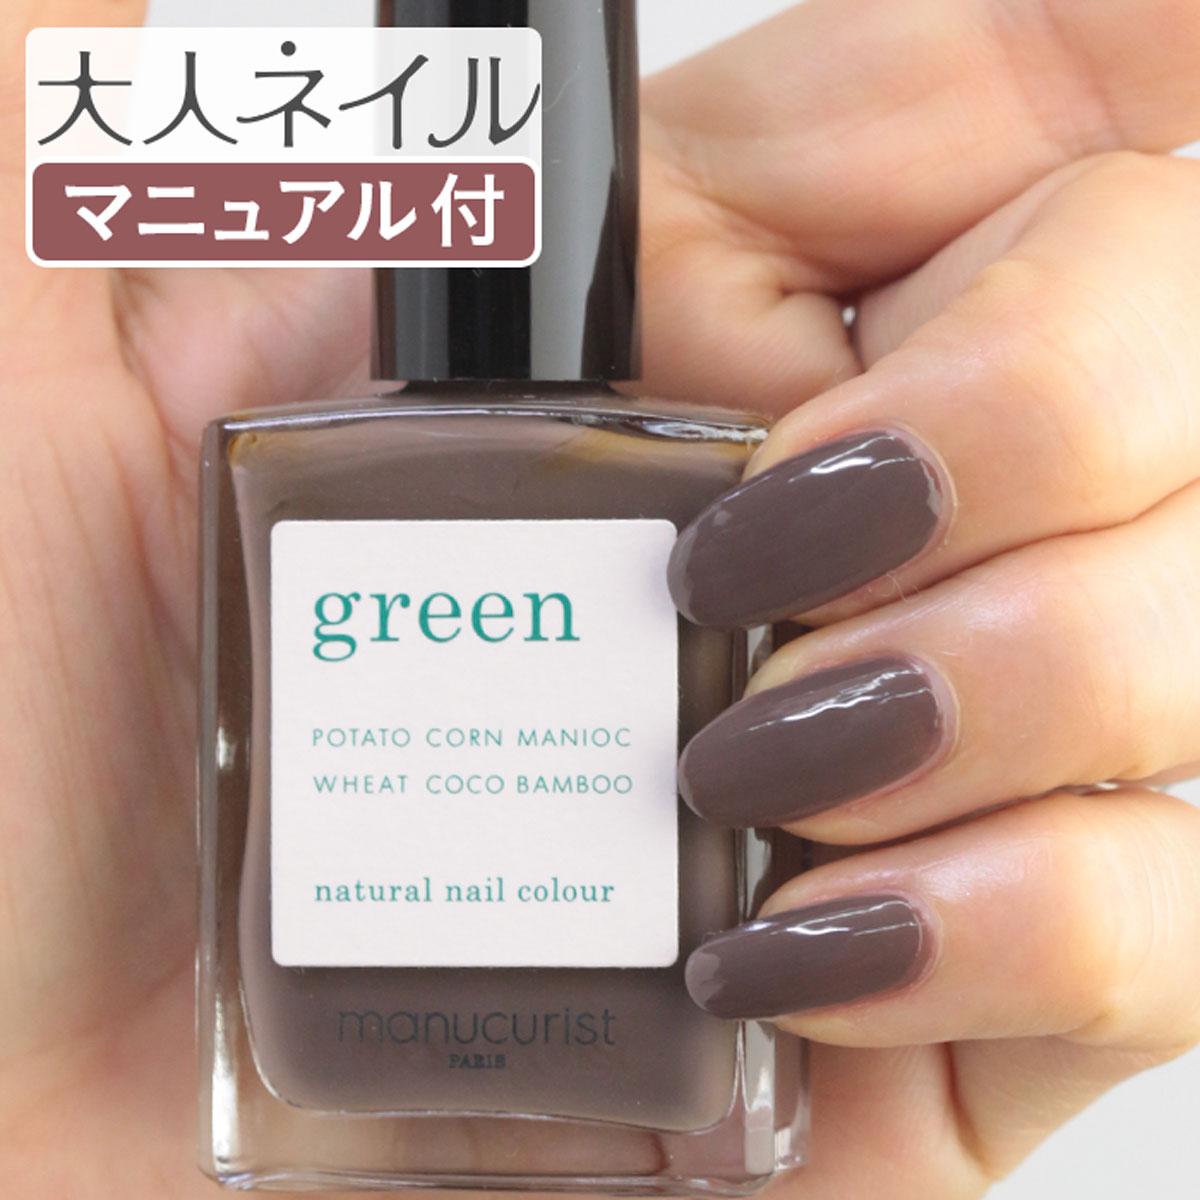 green グリーン ナチュラルネイルカラー ダークウッド 31050 15ml 爪にやさしい マニキュア セルフネイル ブラウン ダーク 秋カラー 秋ネイル